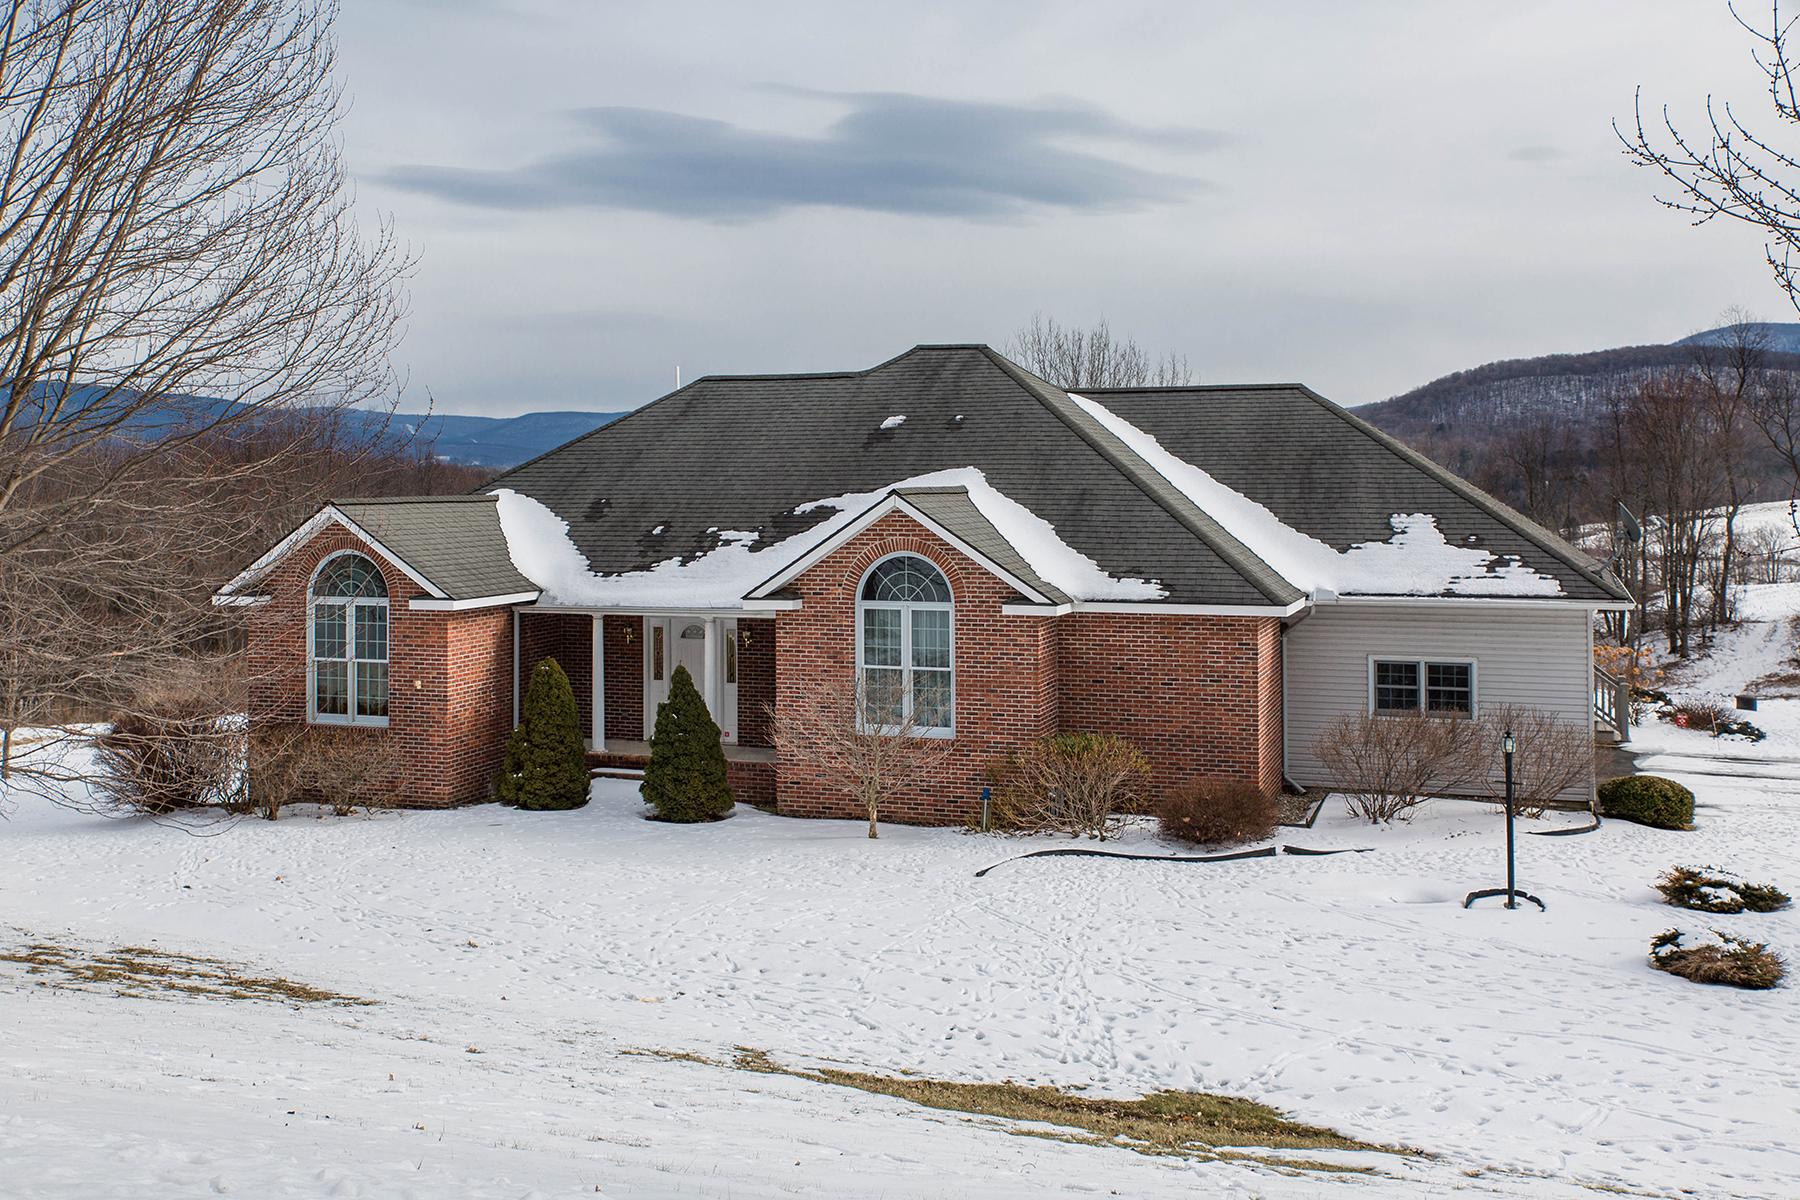 独户住宅 为 销售 在 Elegant Custom Home 240 Beechwood Rd Hoosick Falls, 纽约州 12090 美国